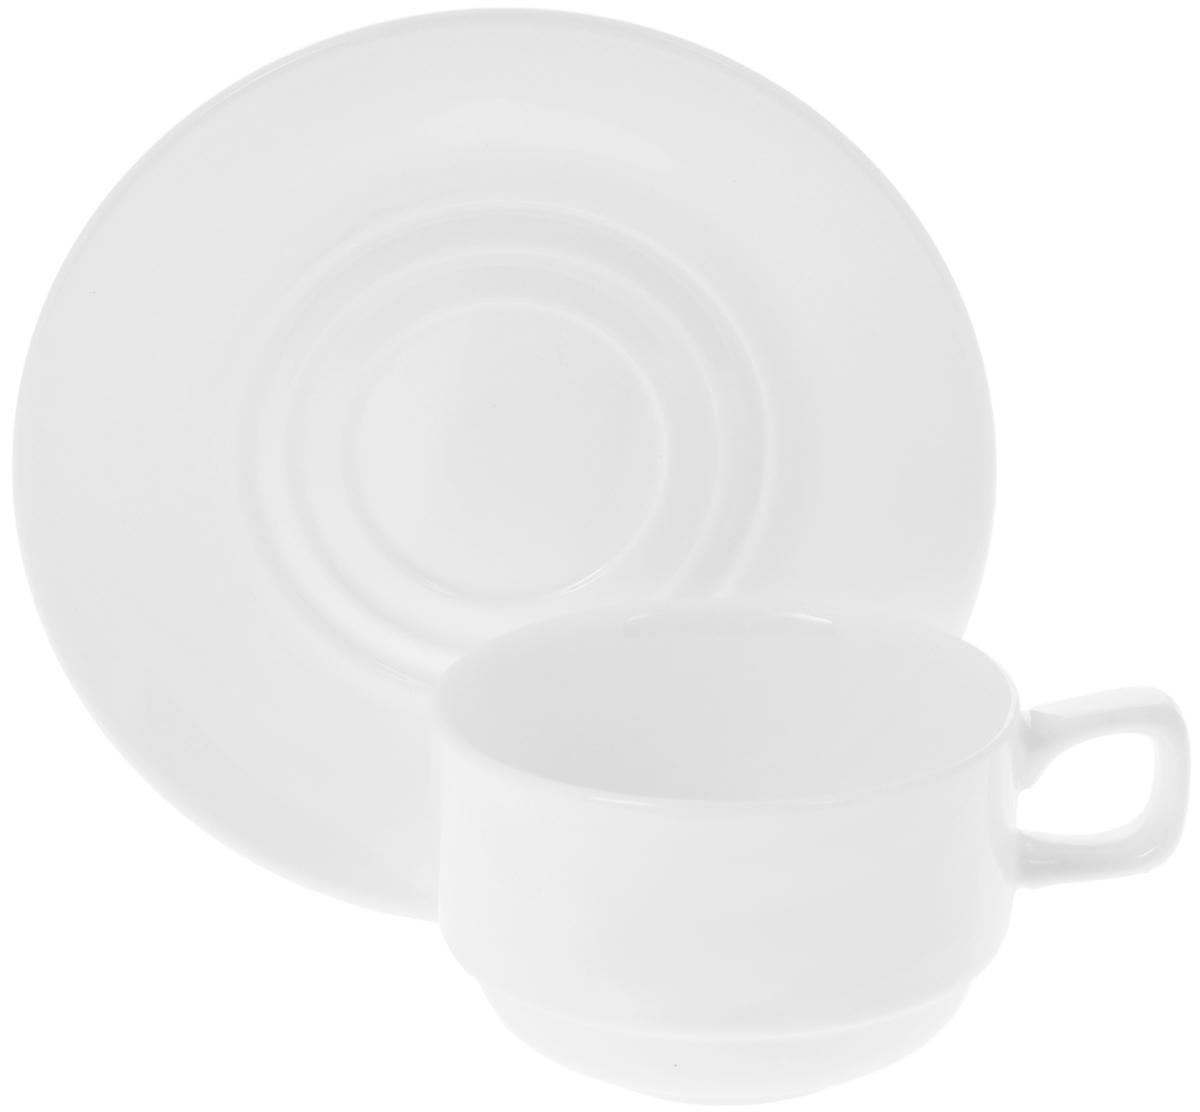 Фото - Чайная пара Wilmax, 2 предмета. WL-993008 / AB [супермаркет] jingdong геб scybe фил приблизительно круглая чашка установлена в вертикальном положении стеклянной чашки 290мла 6 z